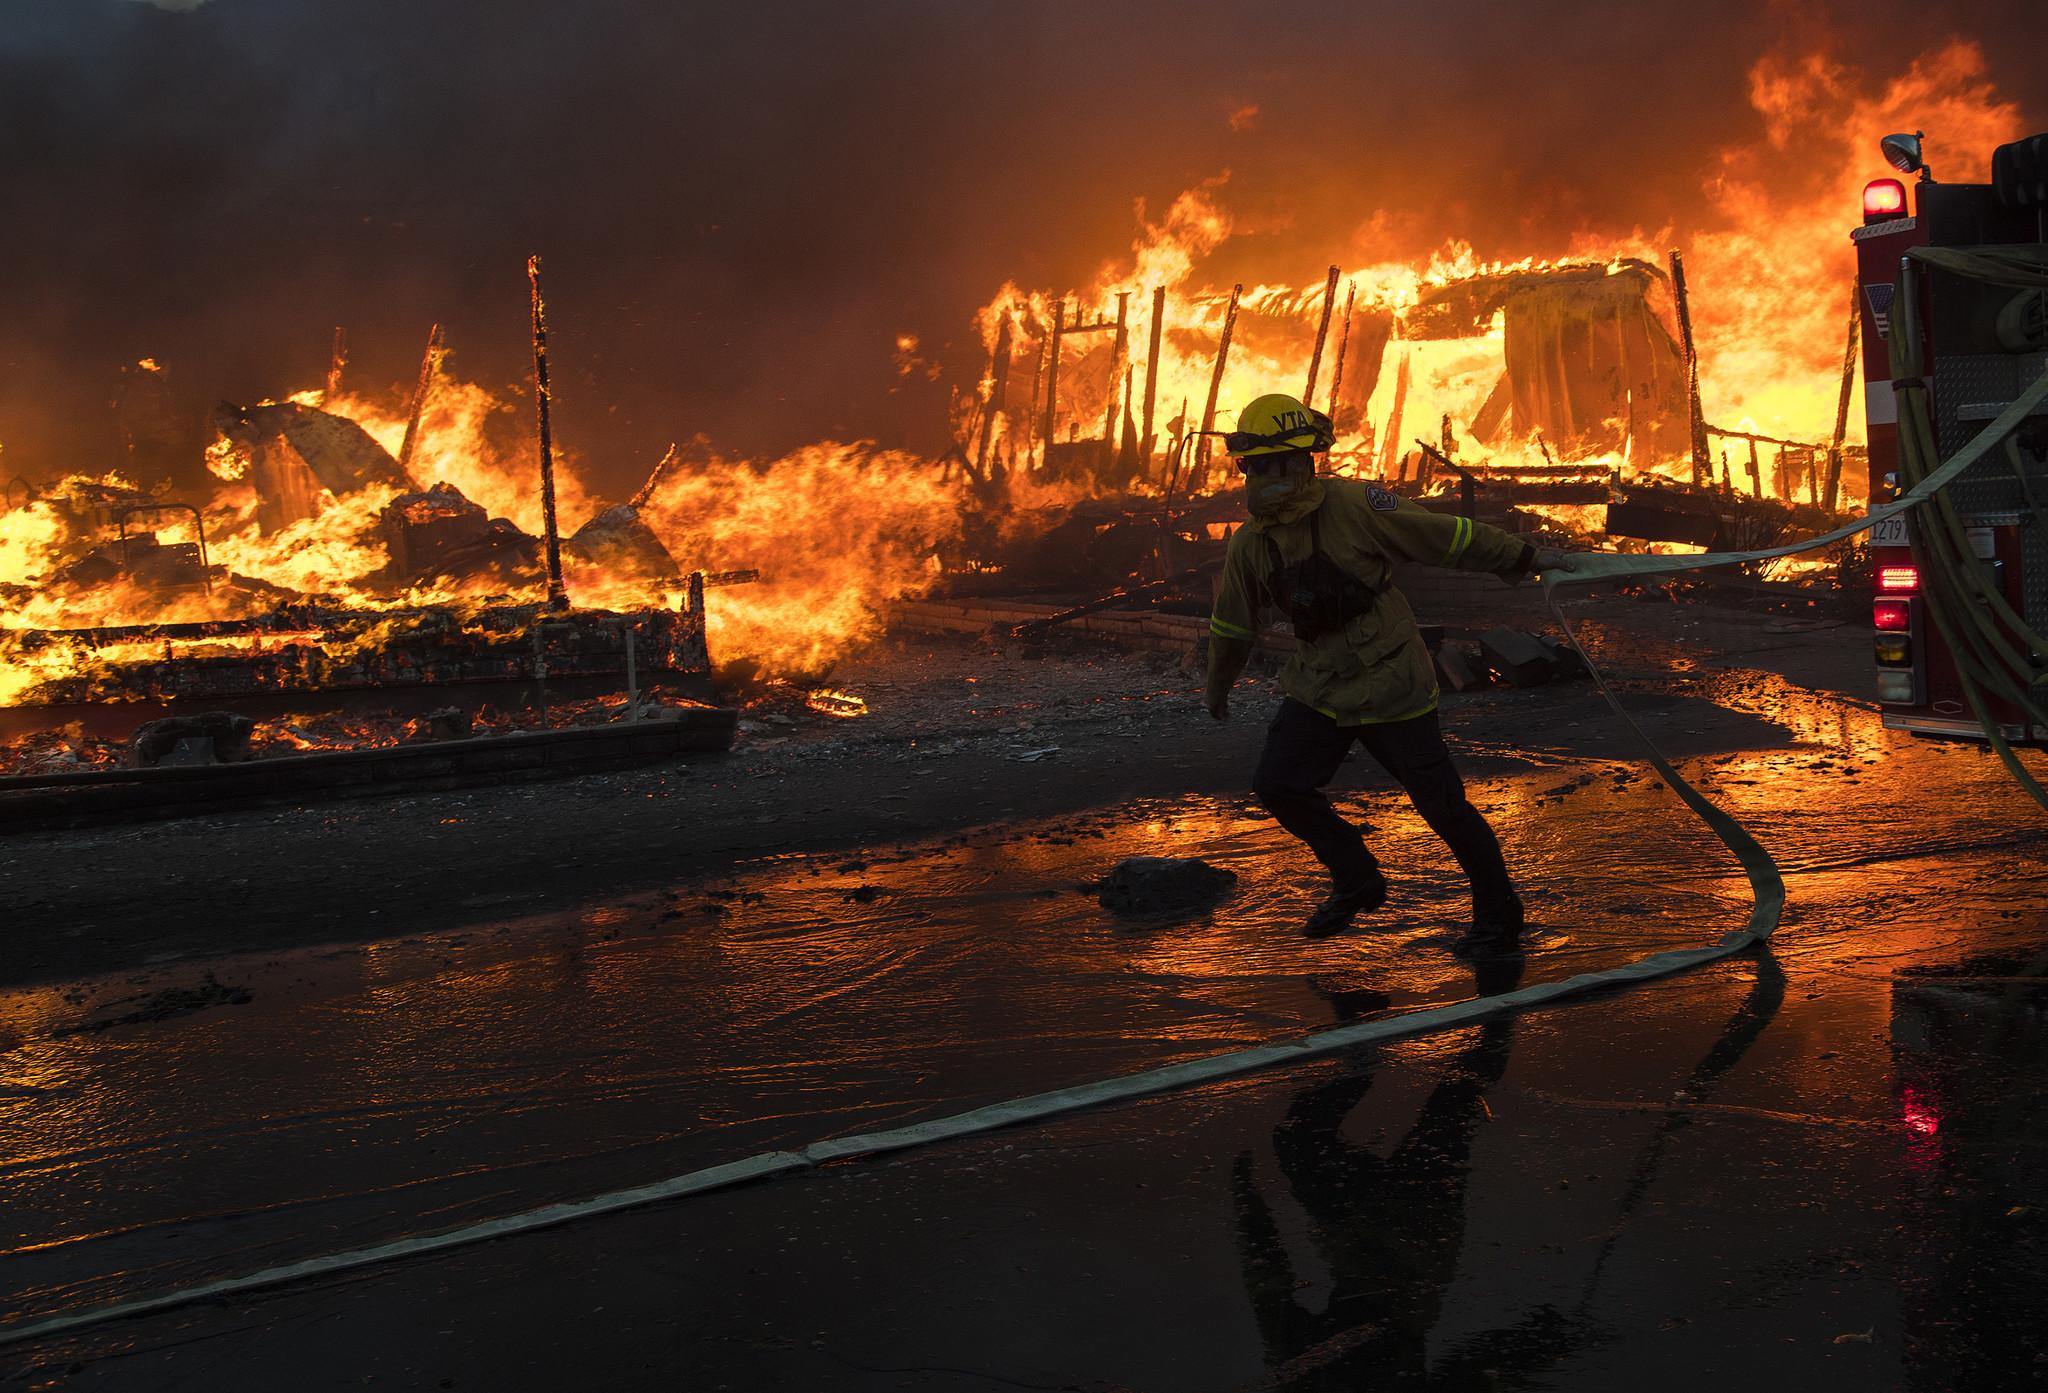 San Diego Tribune Lilac Fire >> Photo gallery: Lilac Fire growing fast - The San Diego Union-Tribune